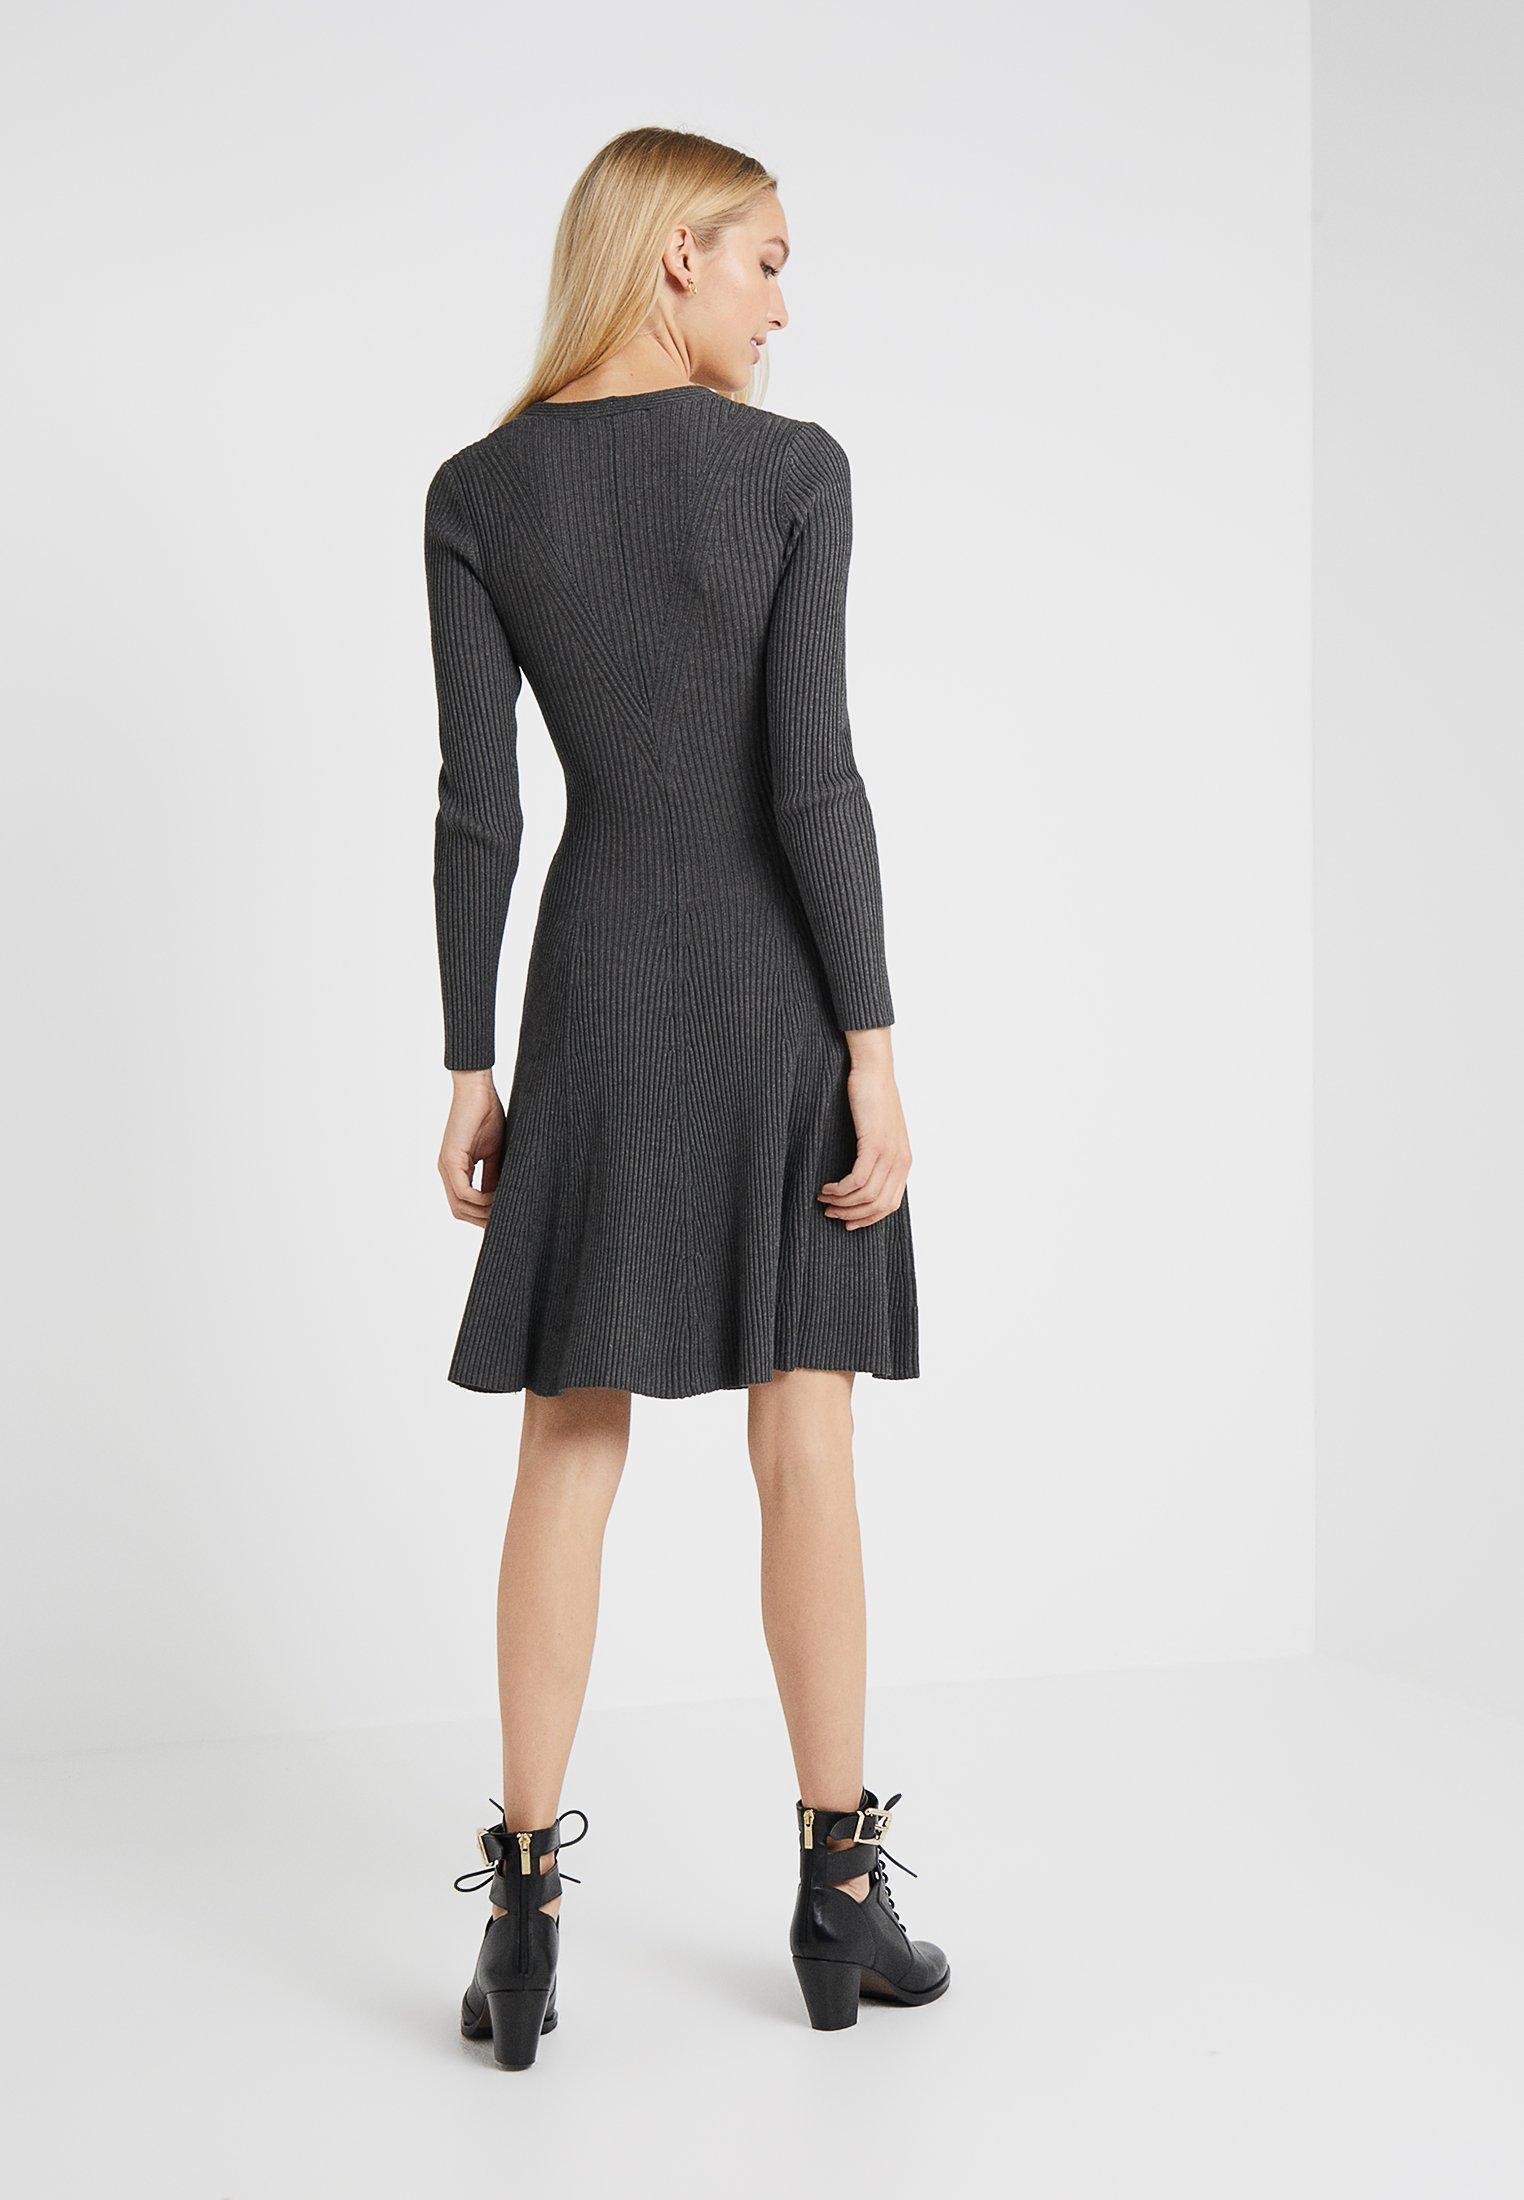 SpecialRobe Dress Grey Dark Schraut Pull Steffen wPuTZXikO